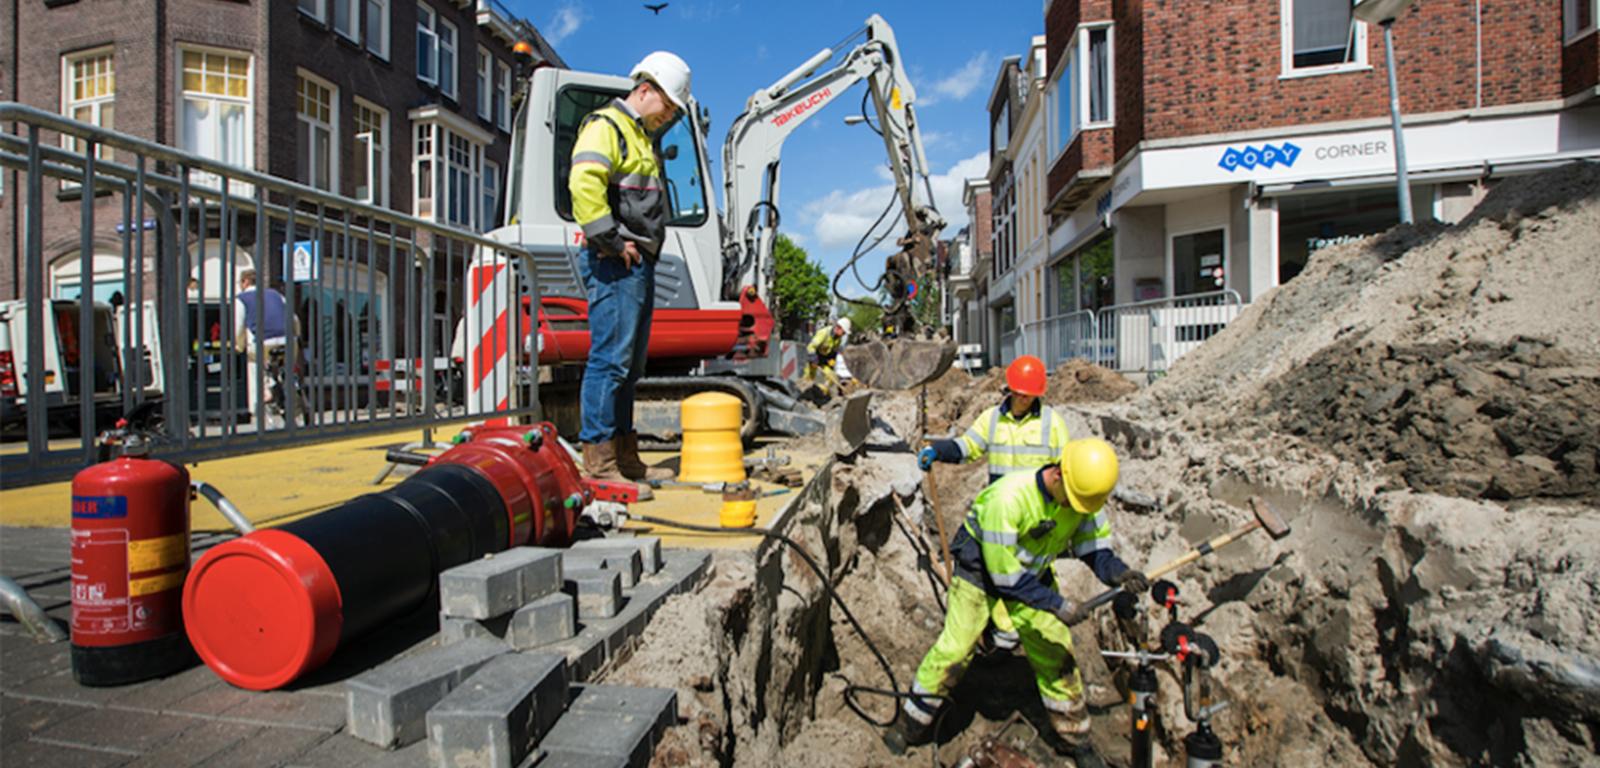 Verduurzaming huizen: niet wachten, maar tussenstappen zetten